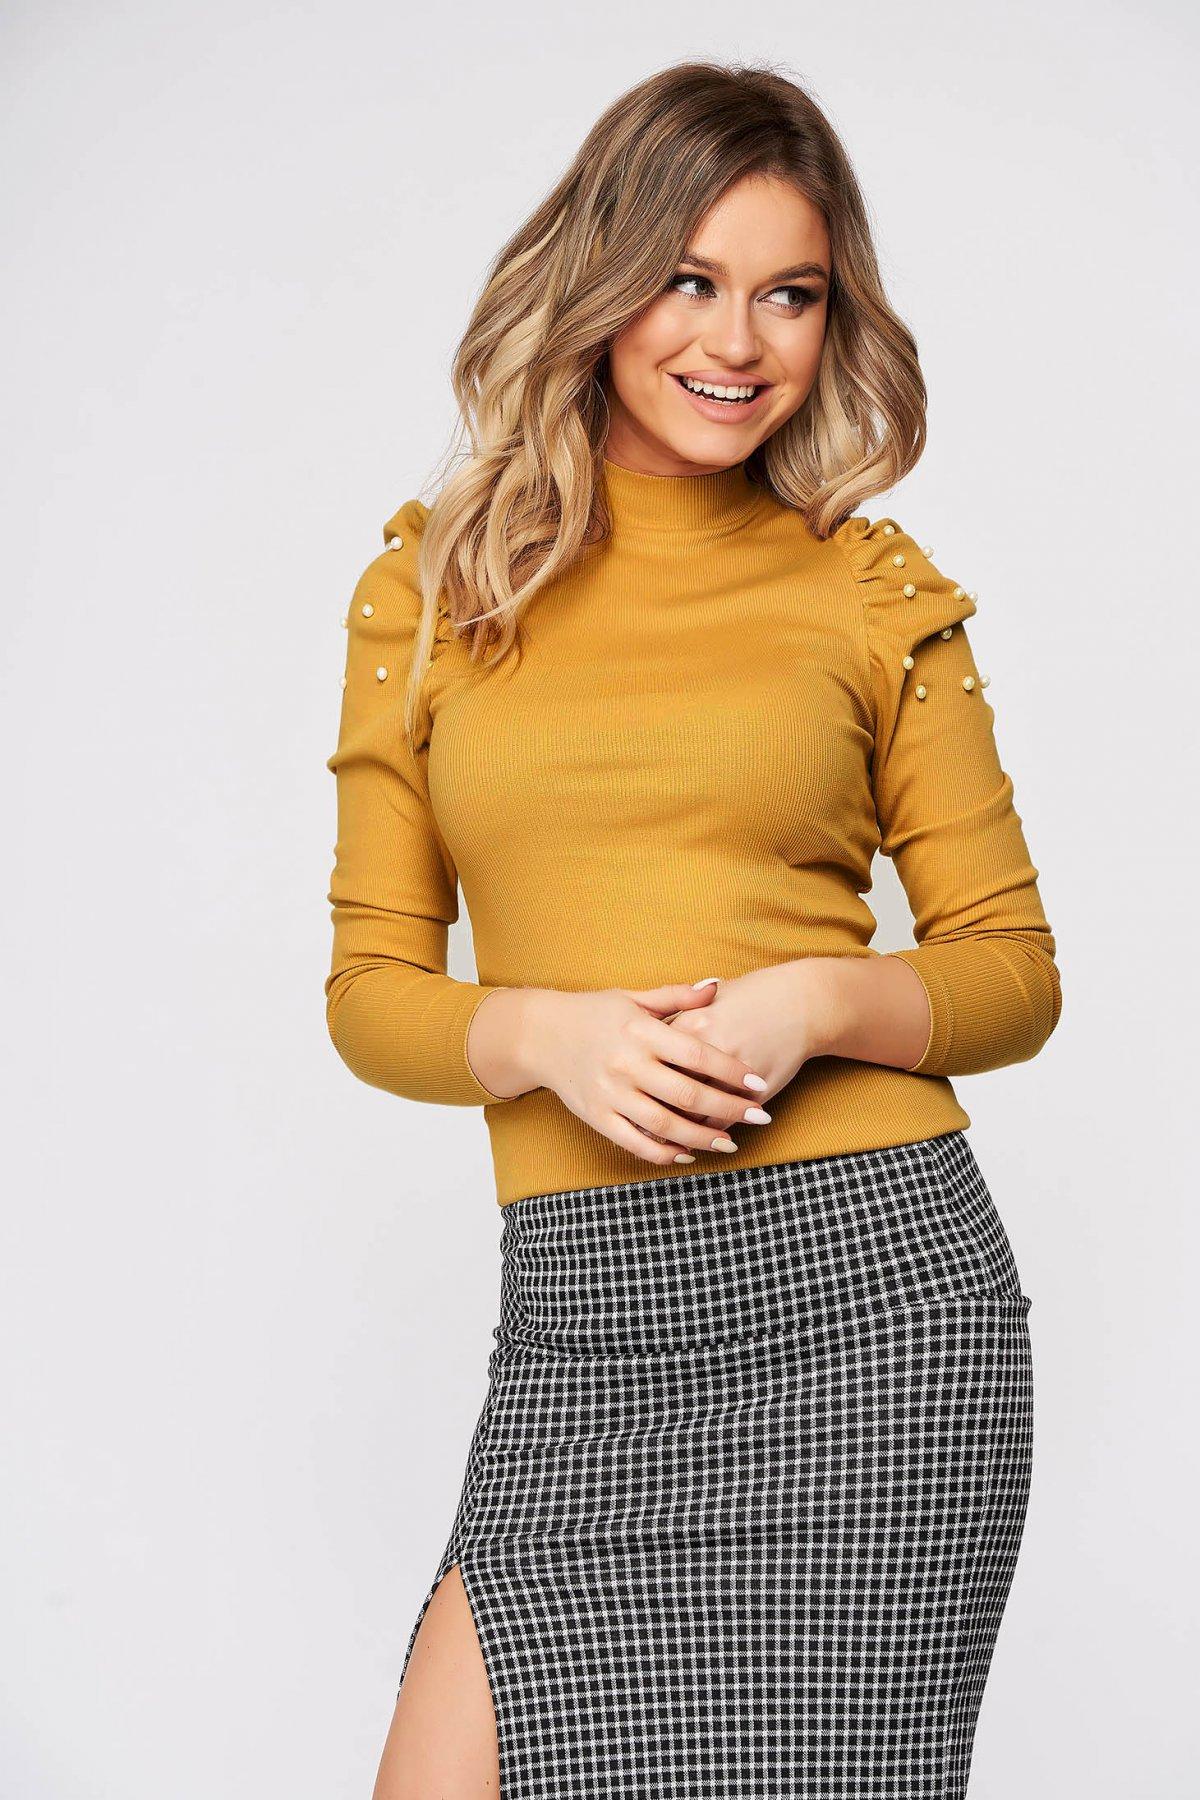 Bluza dama SunShine mustarie mulata scurta pe gat din material reiat cu umeri cu volum imagine